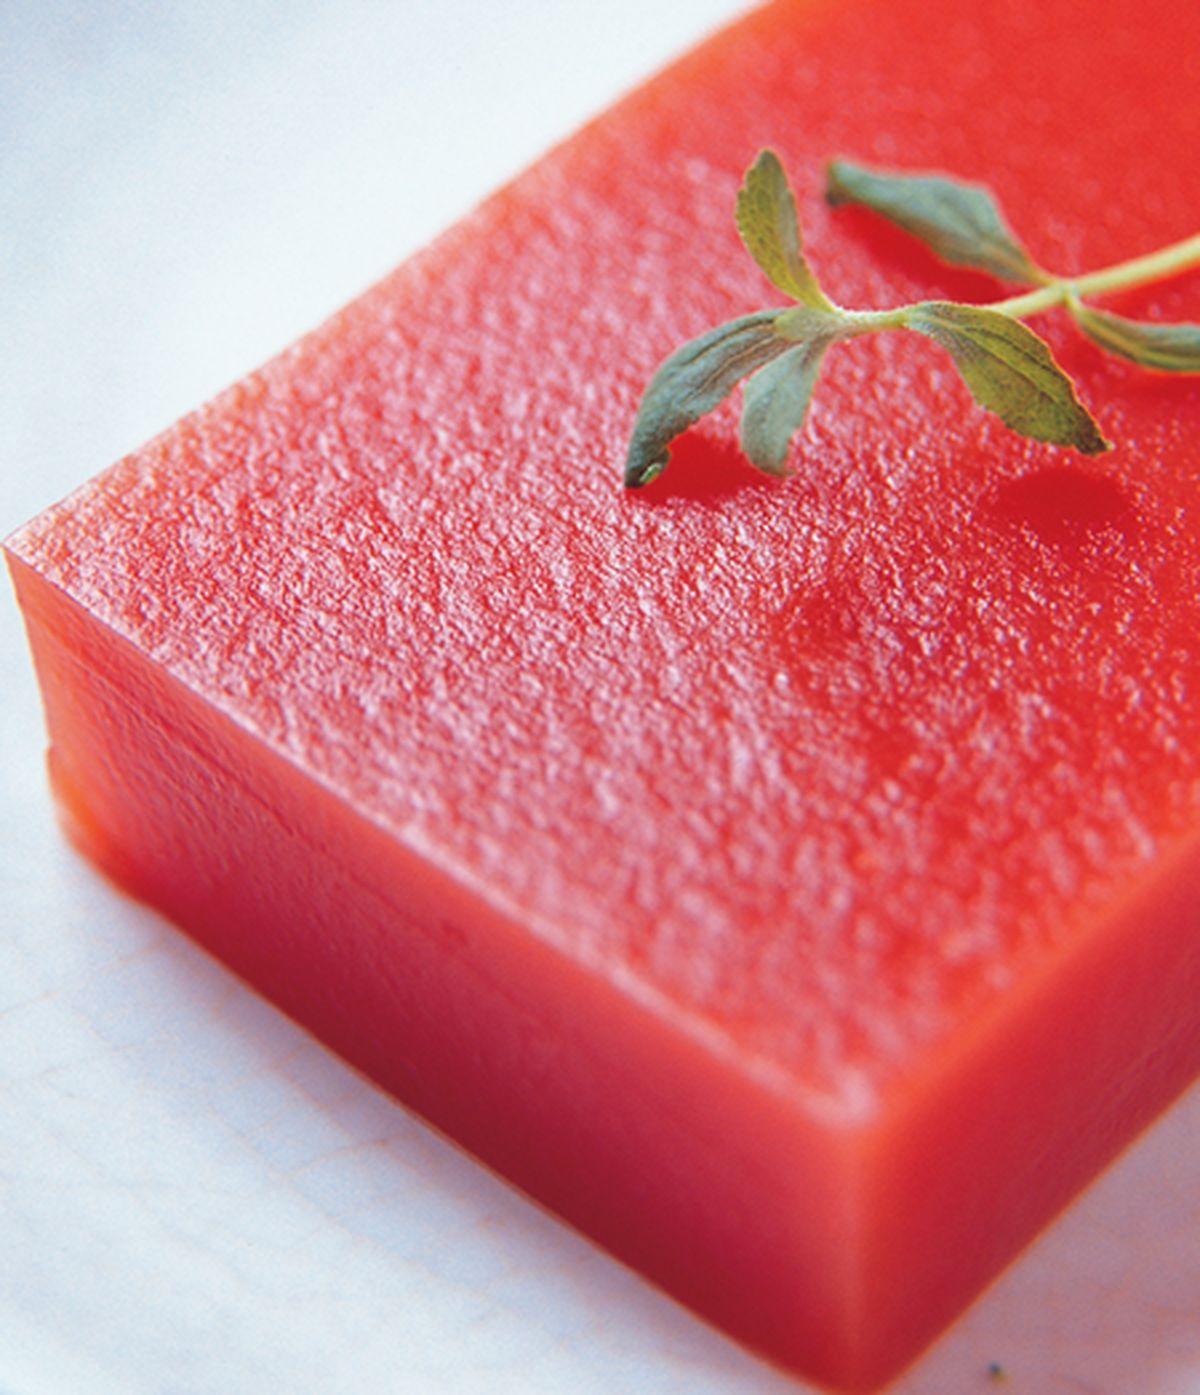 食譜:蕃茄蒟蒻豆腐